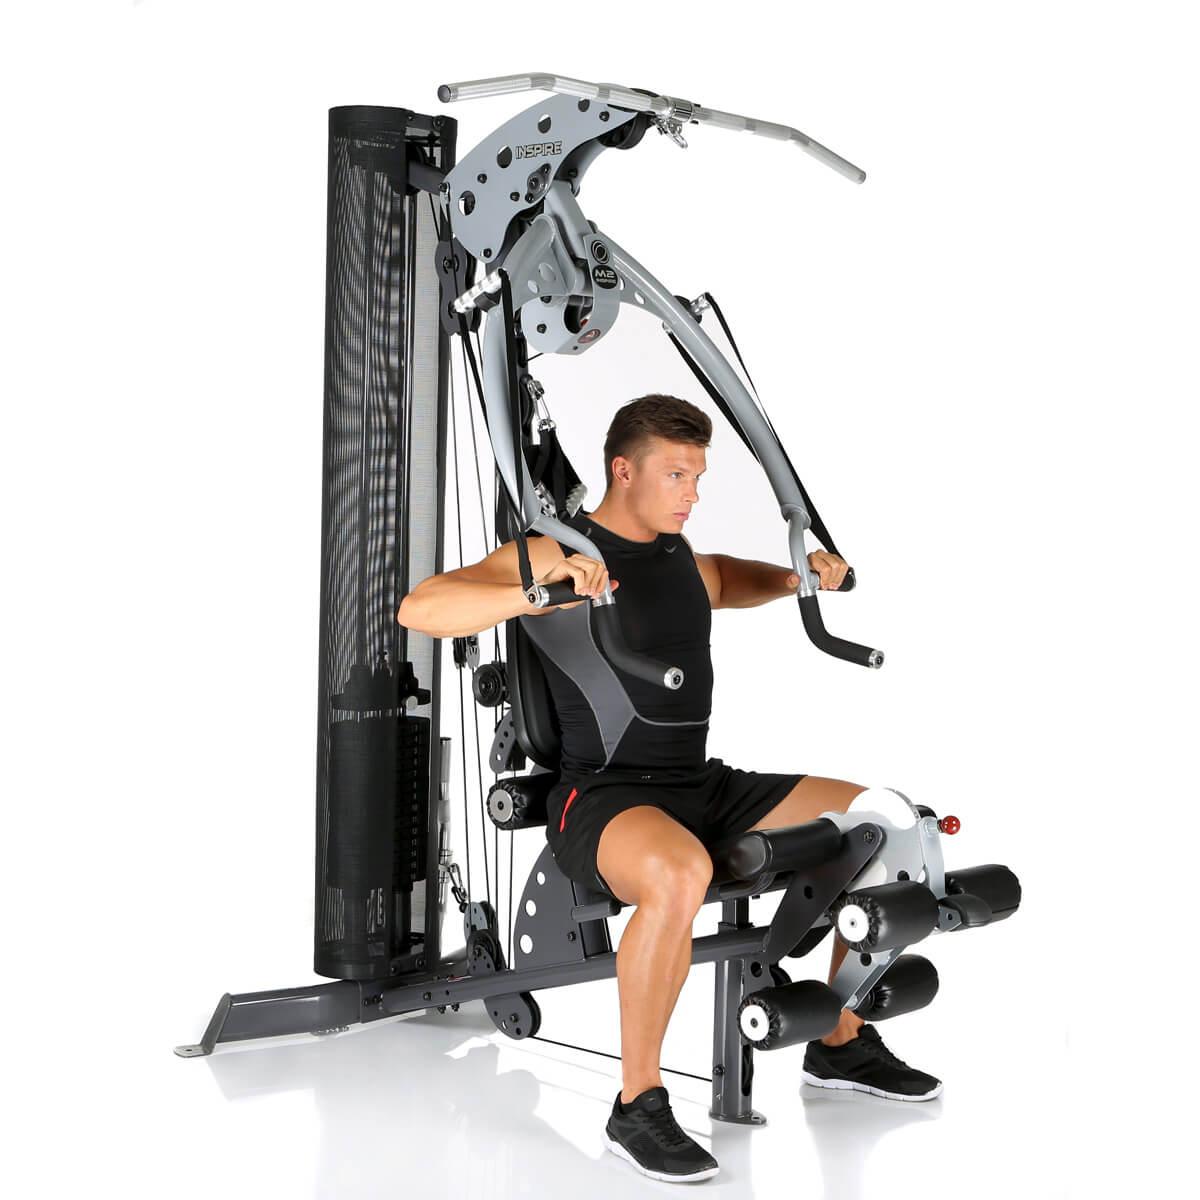 FINNLO MAXIMUM M2 multi-gym tlaky